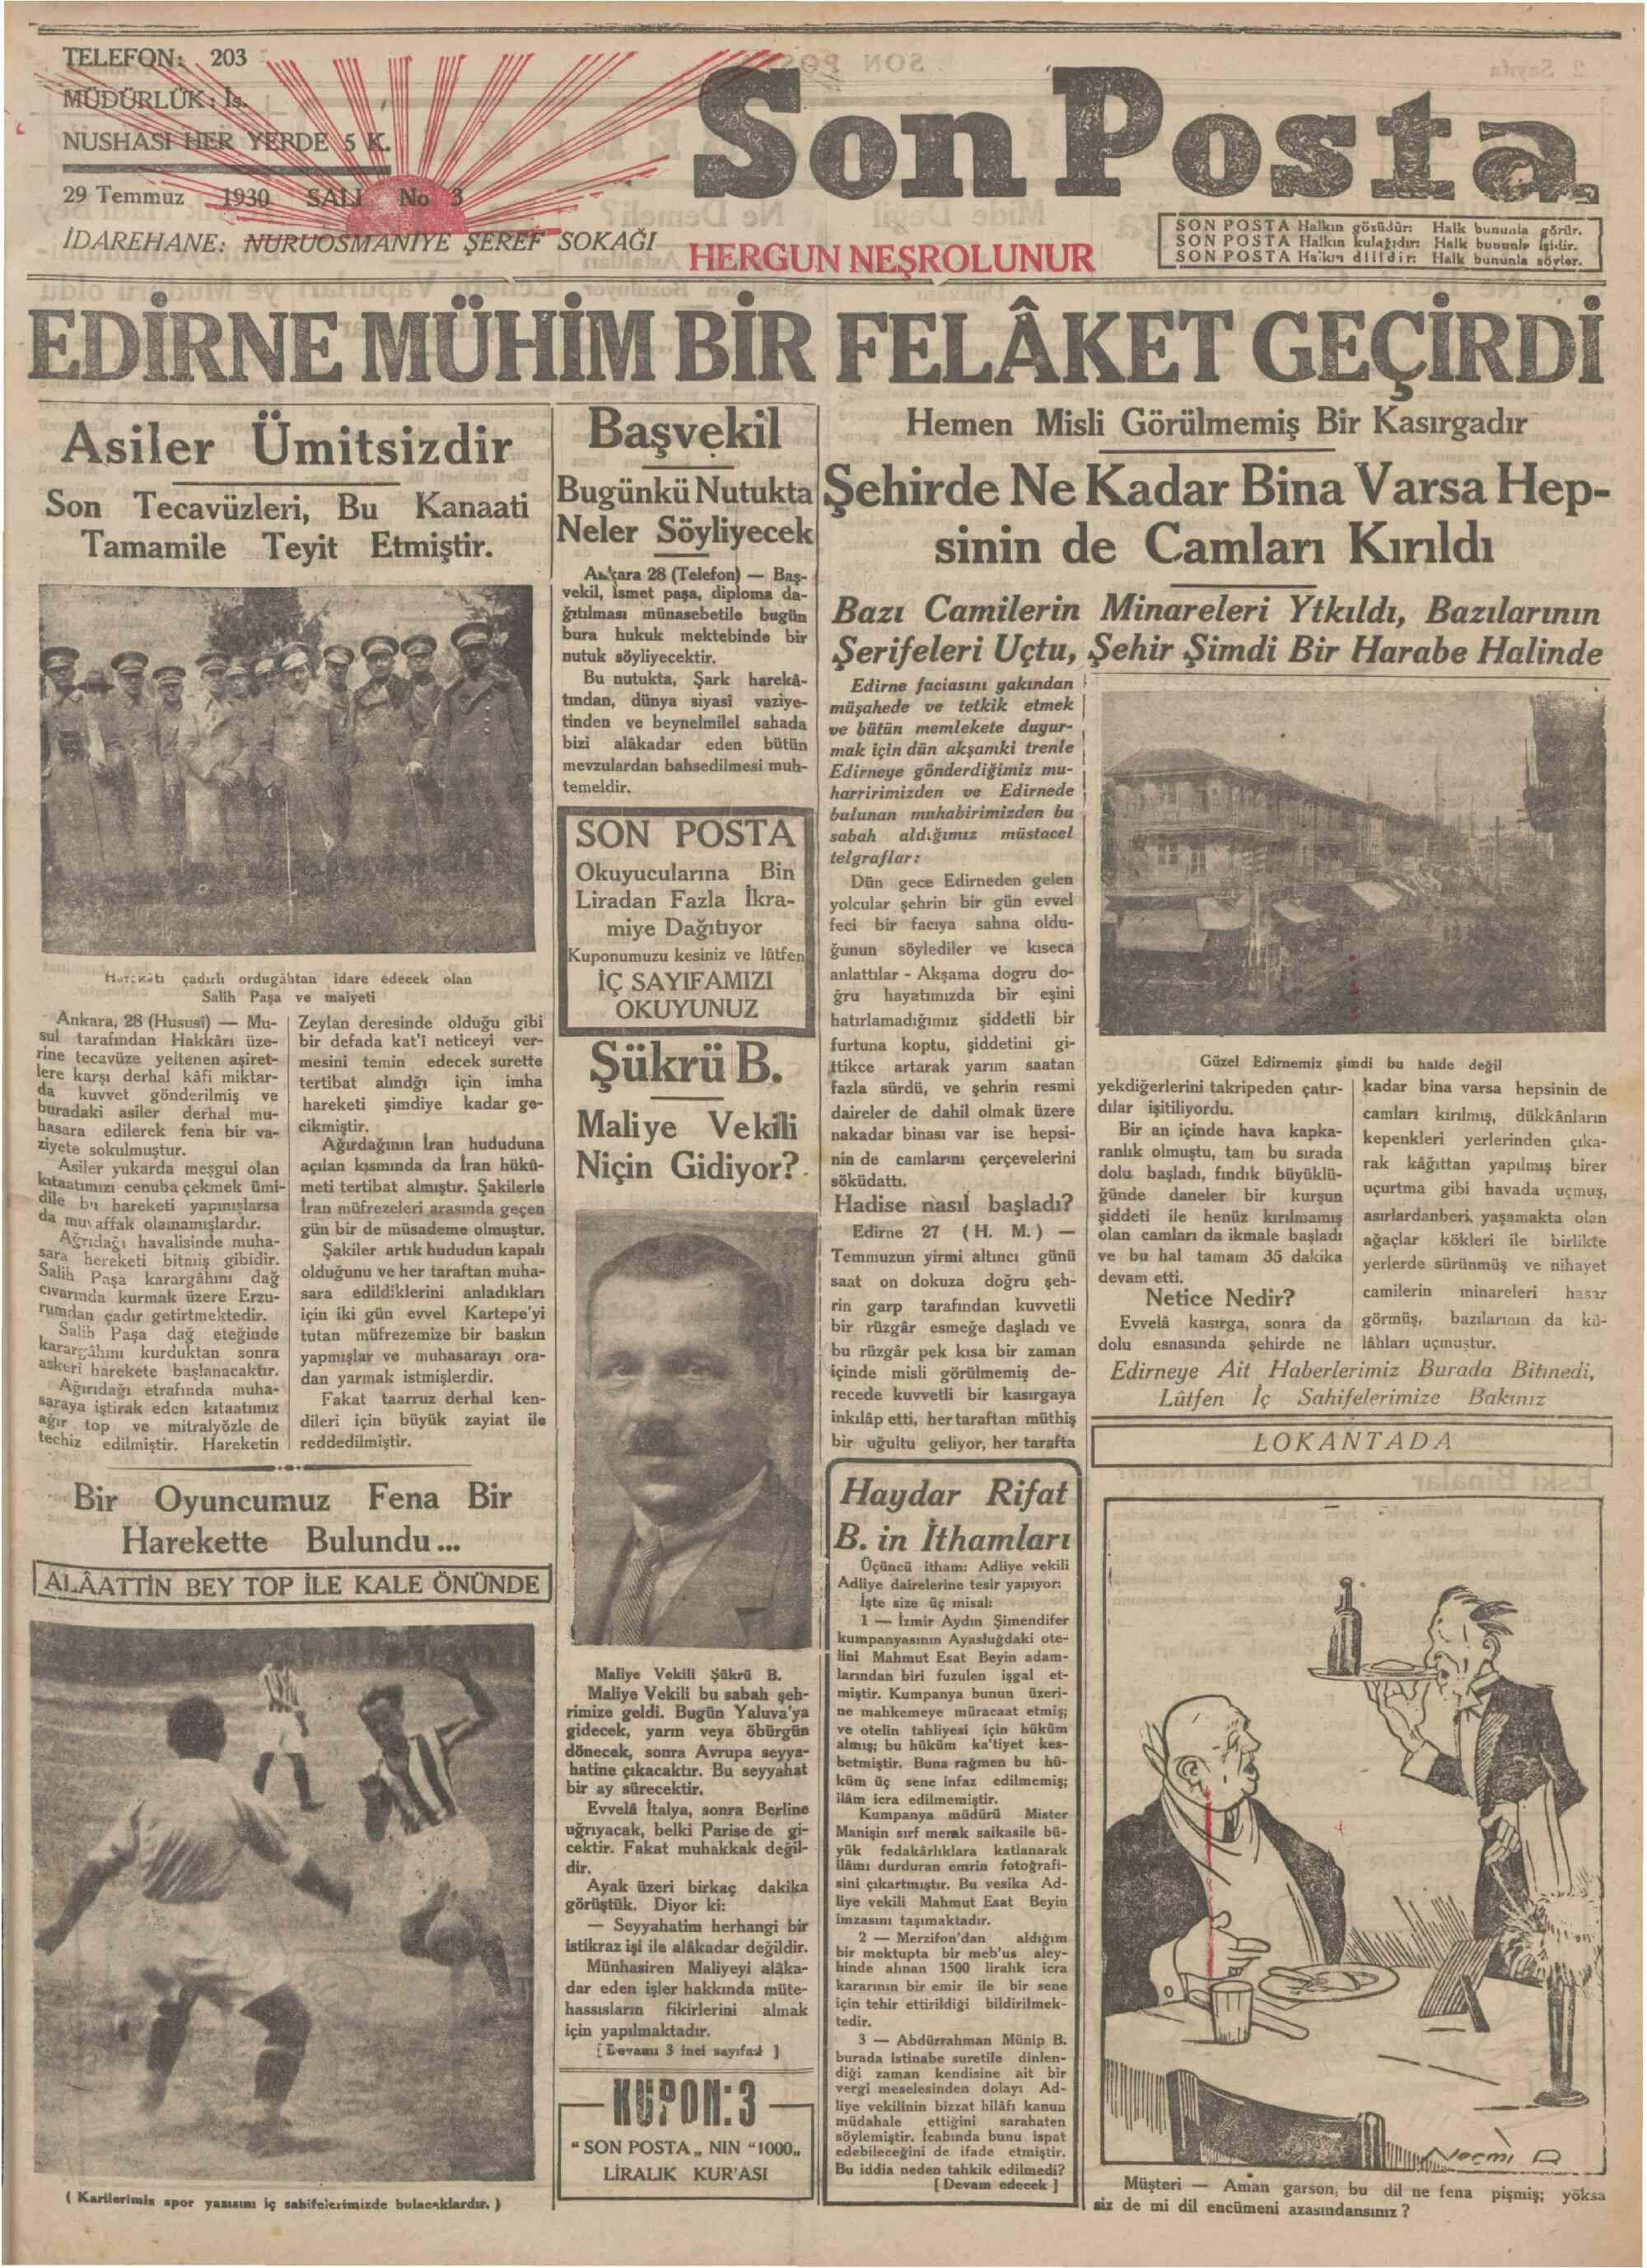 29 Temmuz 1930 Tarihli Son Posta Gazetesi Sayfa 1